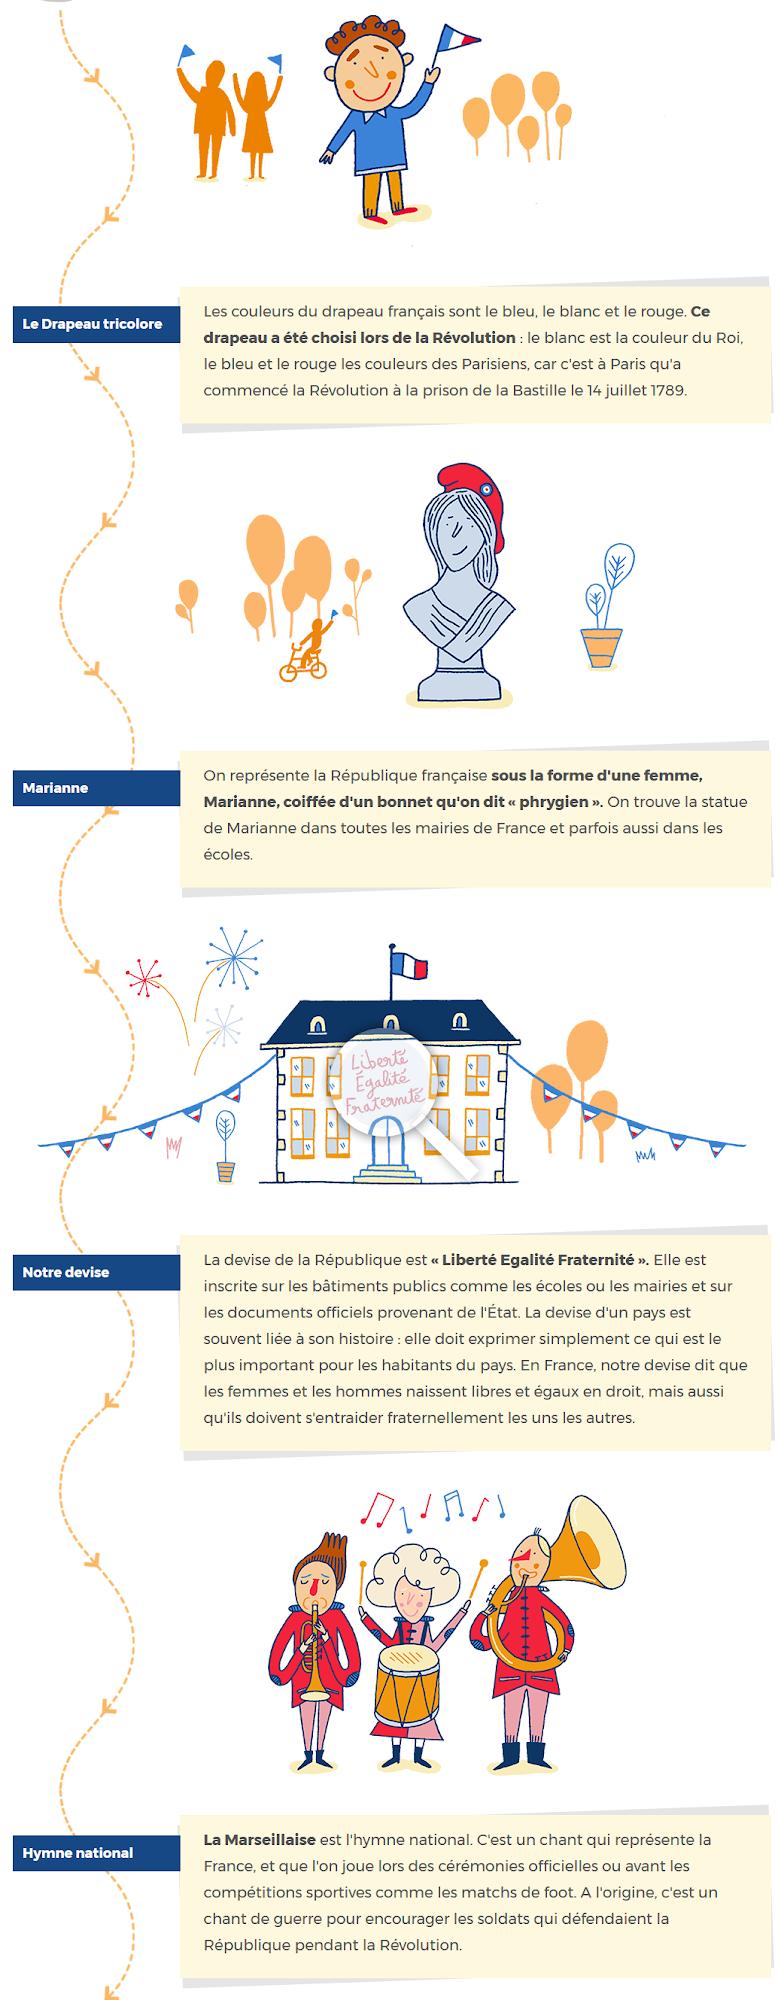 https://www.gouvernement.fr/pour-les-6-10-ans#la-republique